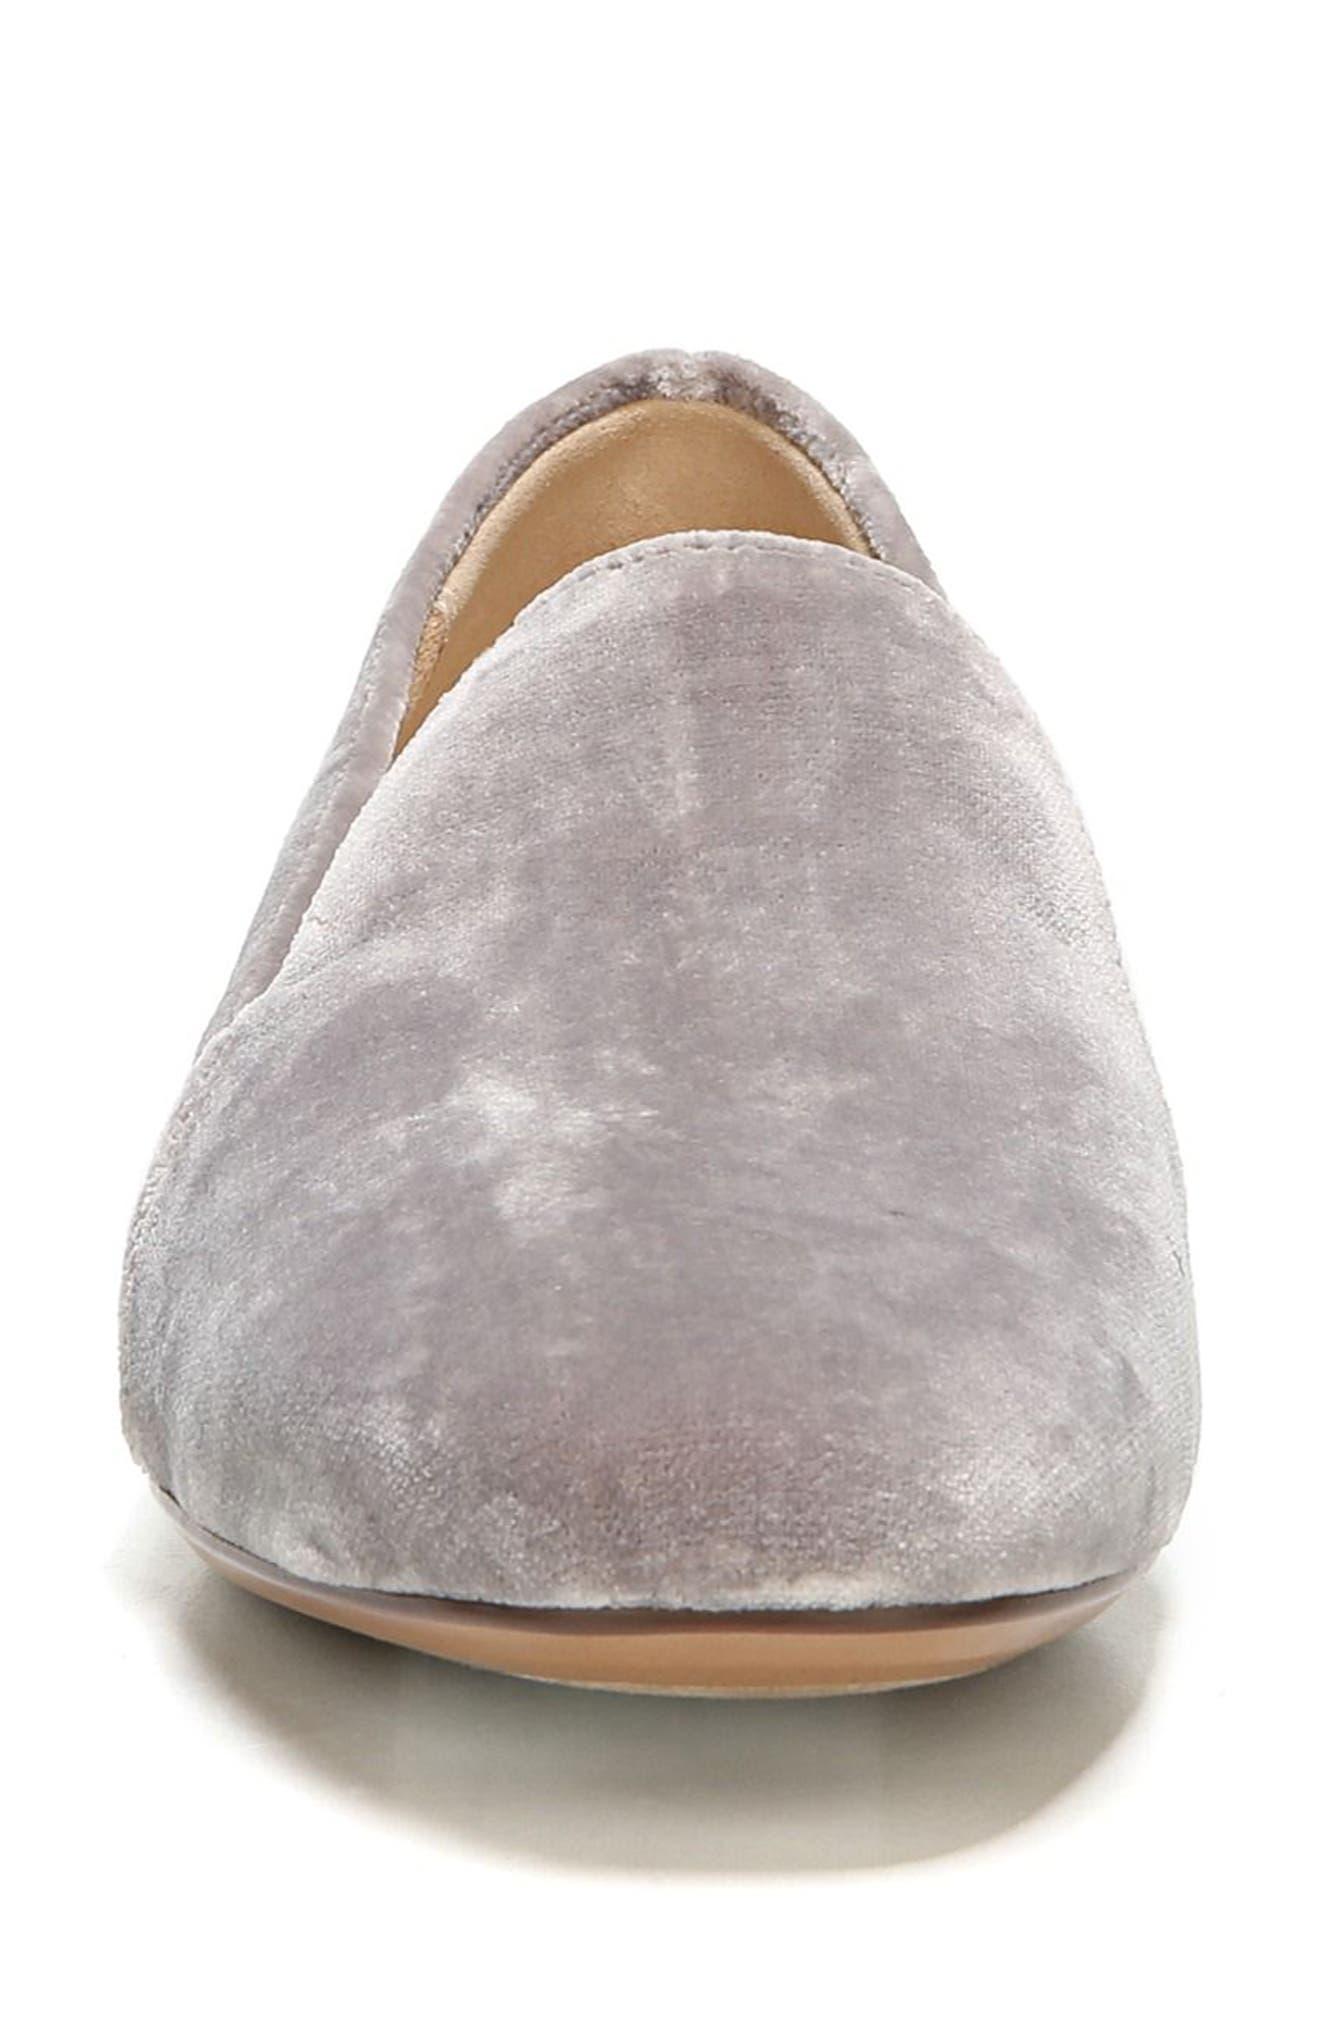 Emiline Flat Loafer,                             Alternate thumbnail 4, color,                             Taupe Velvet Fabric